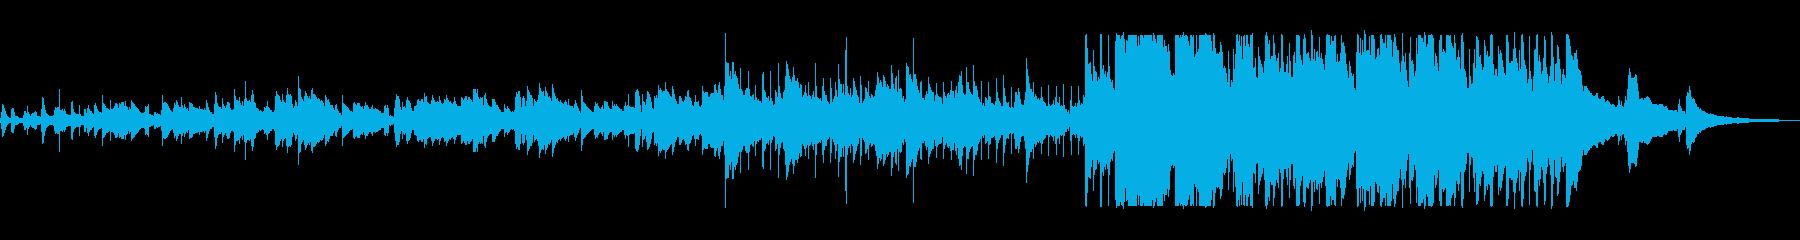 ギターとスキャットのフォークサウンドの再生済みの波形